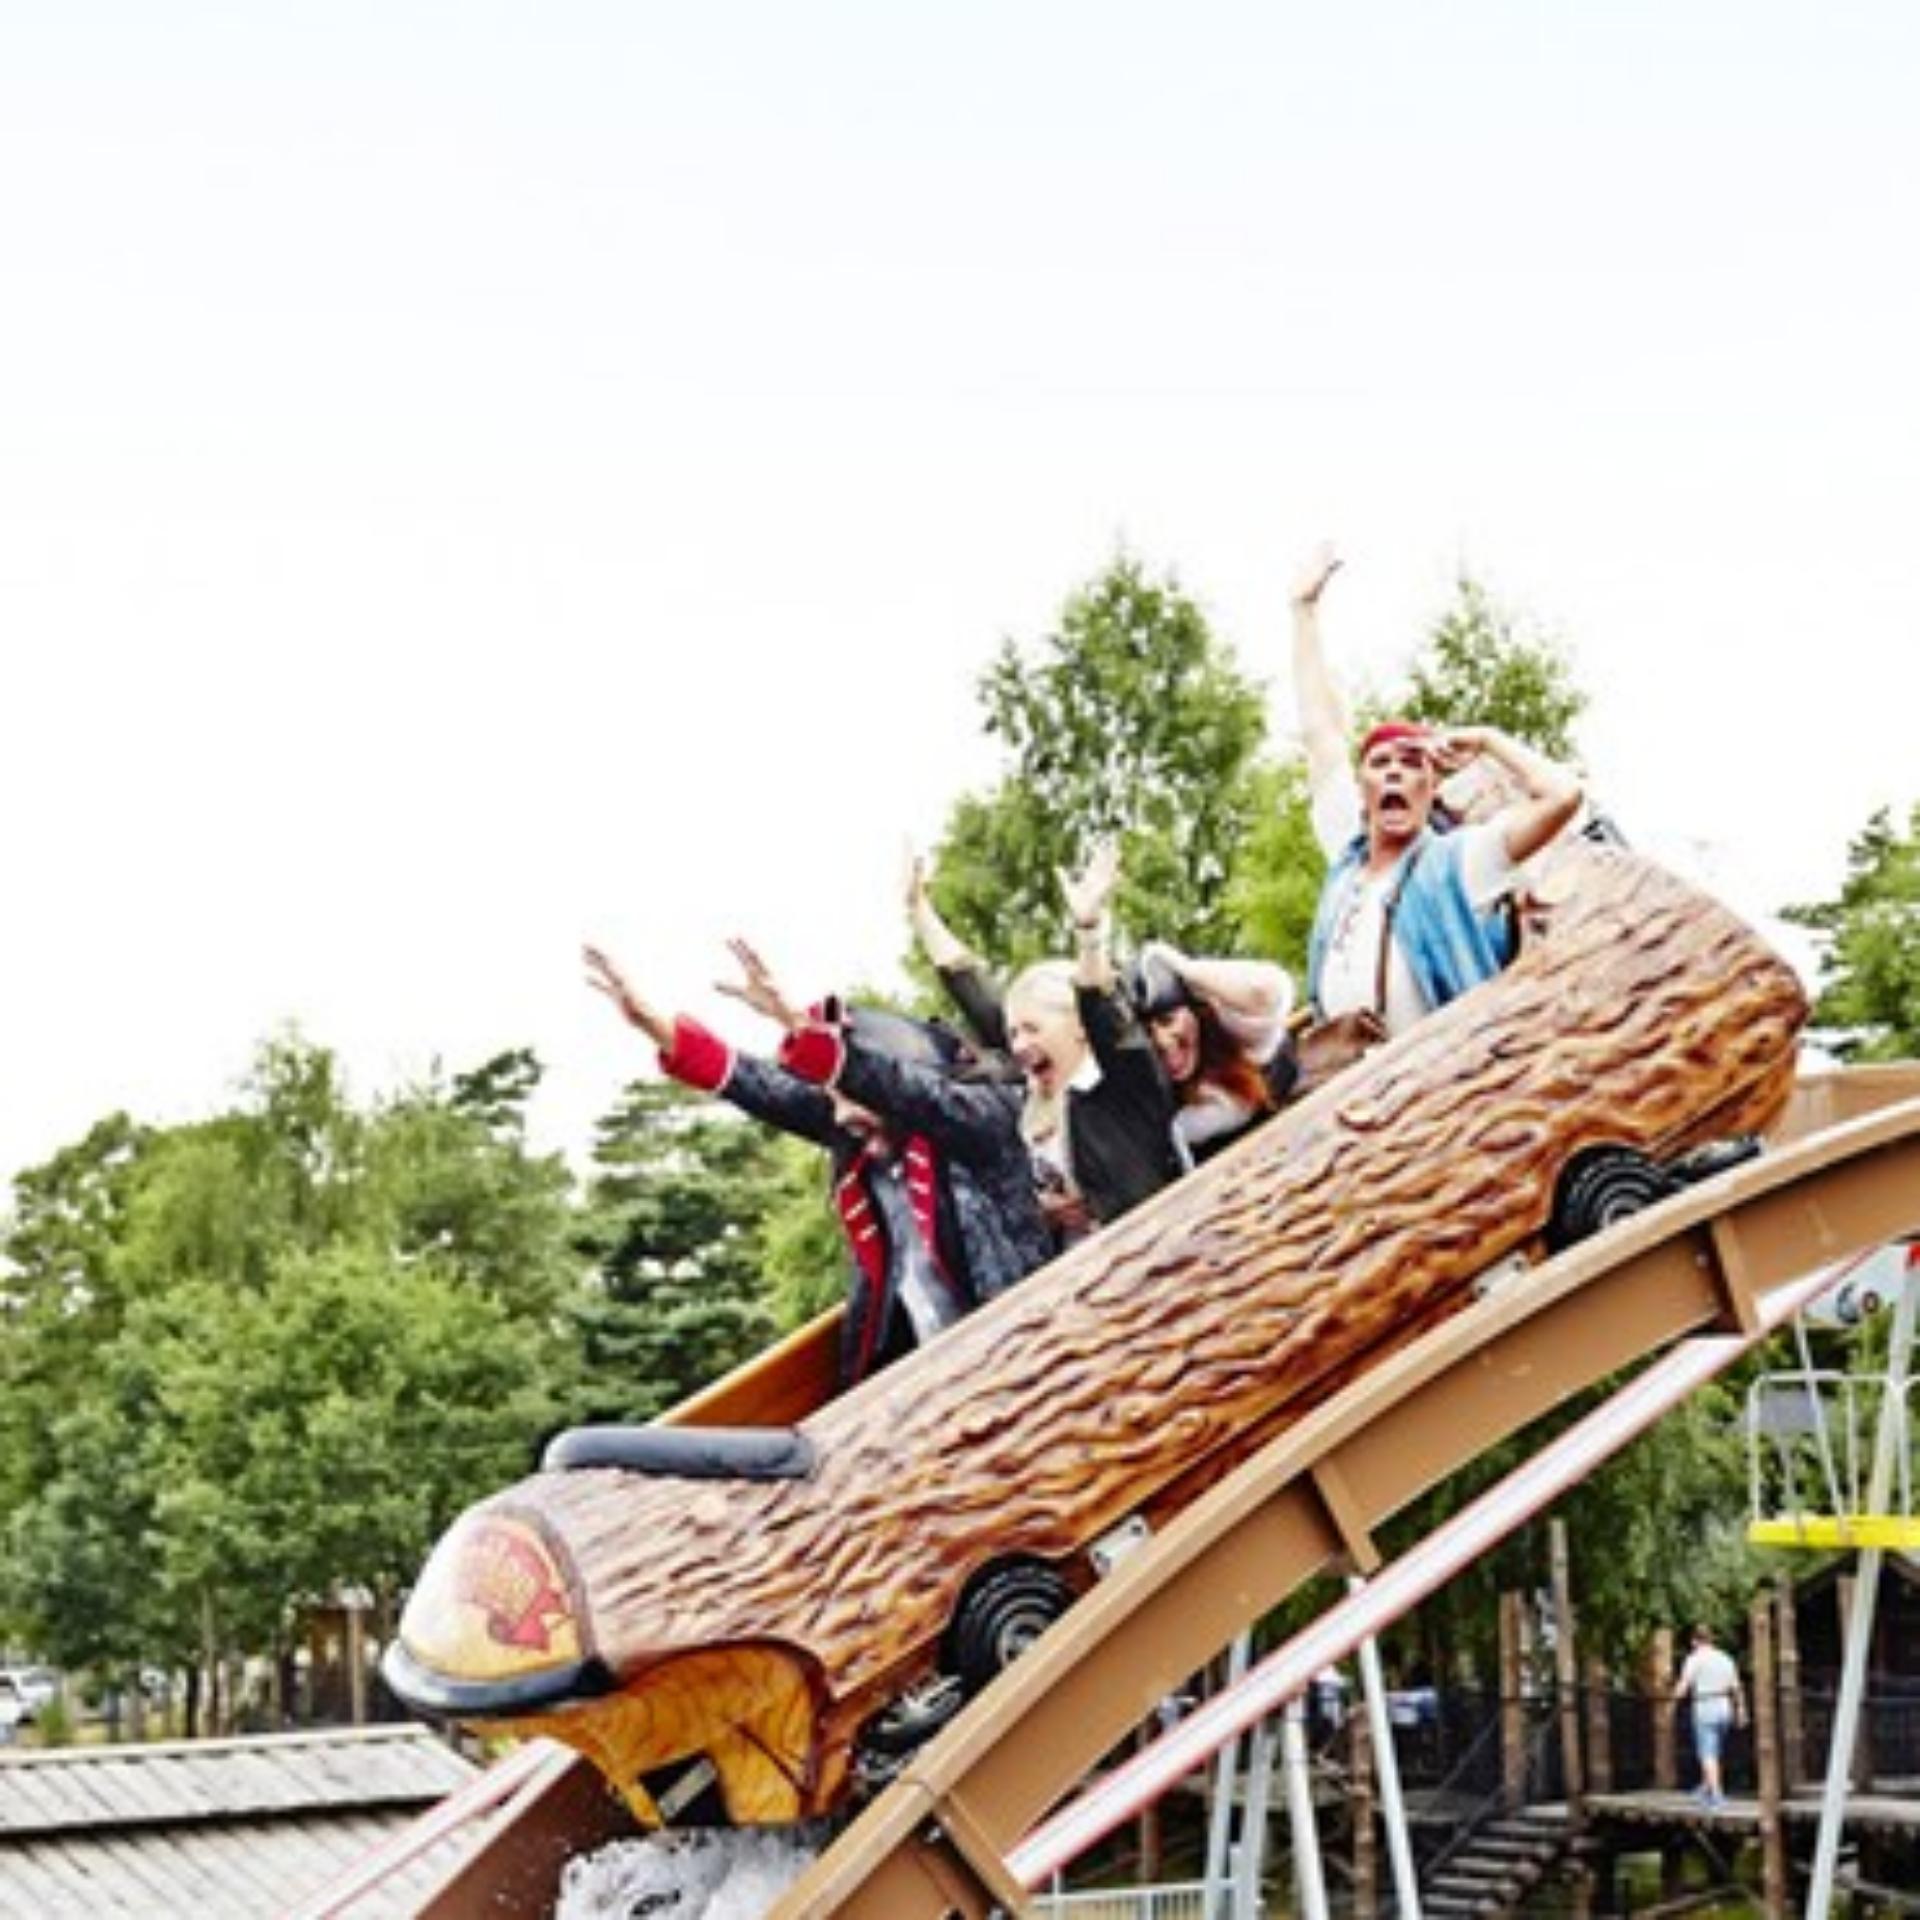 interlink log flume water ride sweden